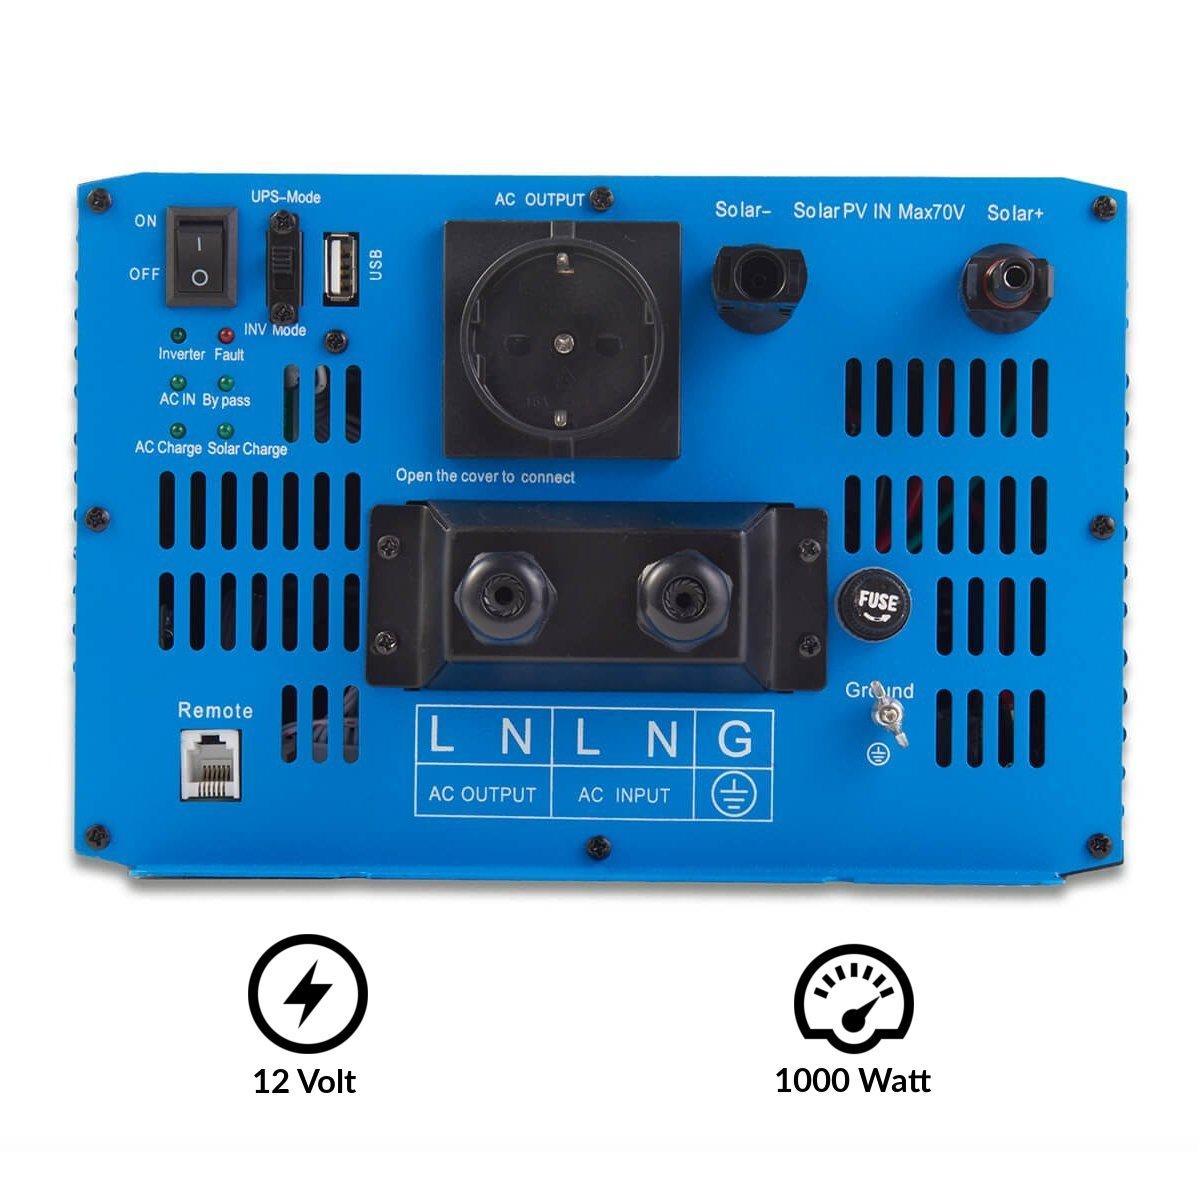 5 Varianten: 1000W ECTIVE SSI-Serie Sinus Wechselrichter 1500W mit Ladeger/ät 3000W Reiner 12 Volt Spannungswandler DC zu AC Solar Batterie Inverter 12 V MPPT-Solarladeregler und NVS 12V auf 230V